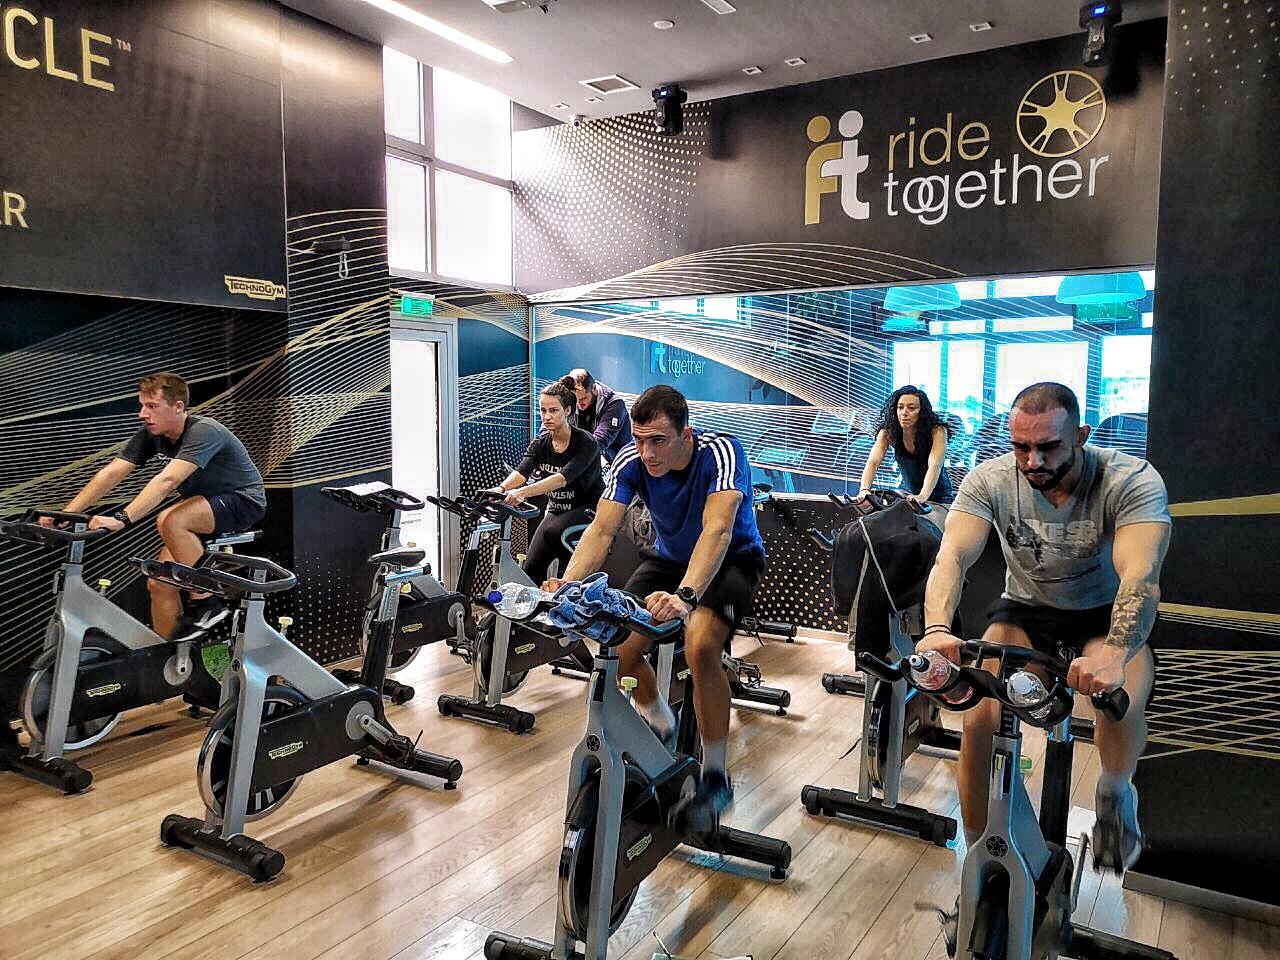 Κύρια φωτογραφία για το άρθρο: Εκπαίδευση Cardio Cycling